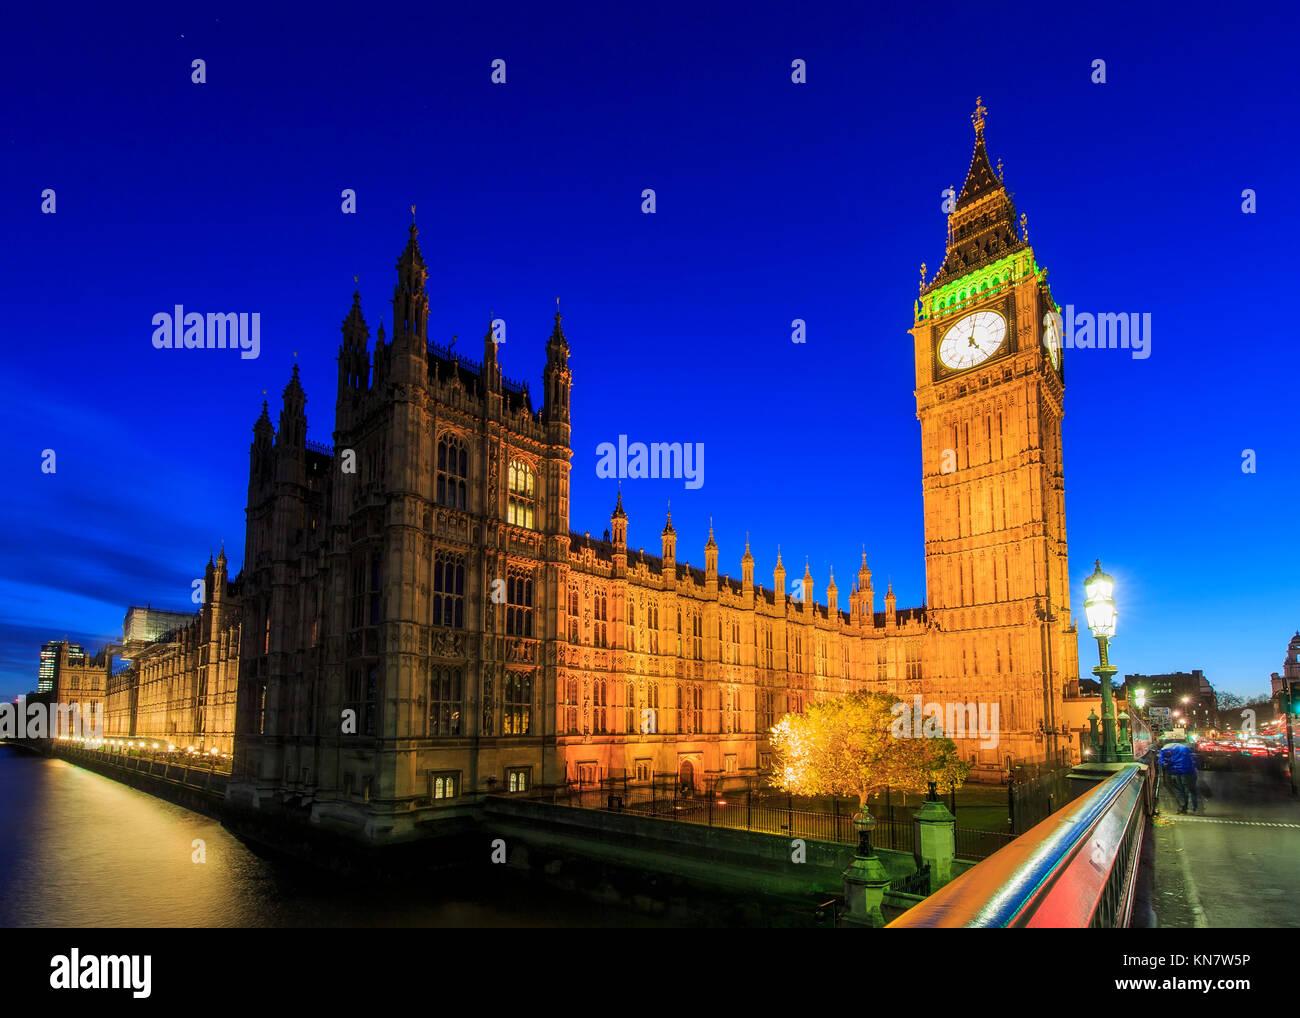 London, November 13: Nachtansicht der berühmte Big Ben am 13.November, 2015 in London, Vereinigtes Königreich Stockbild